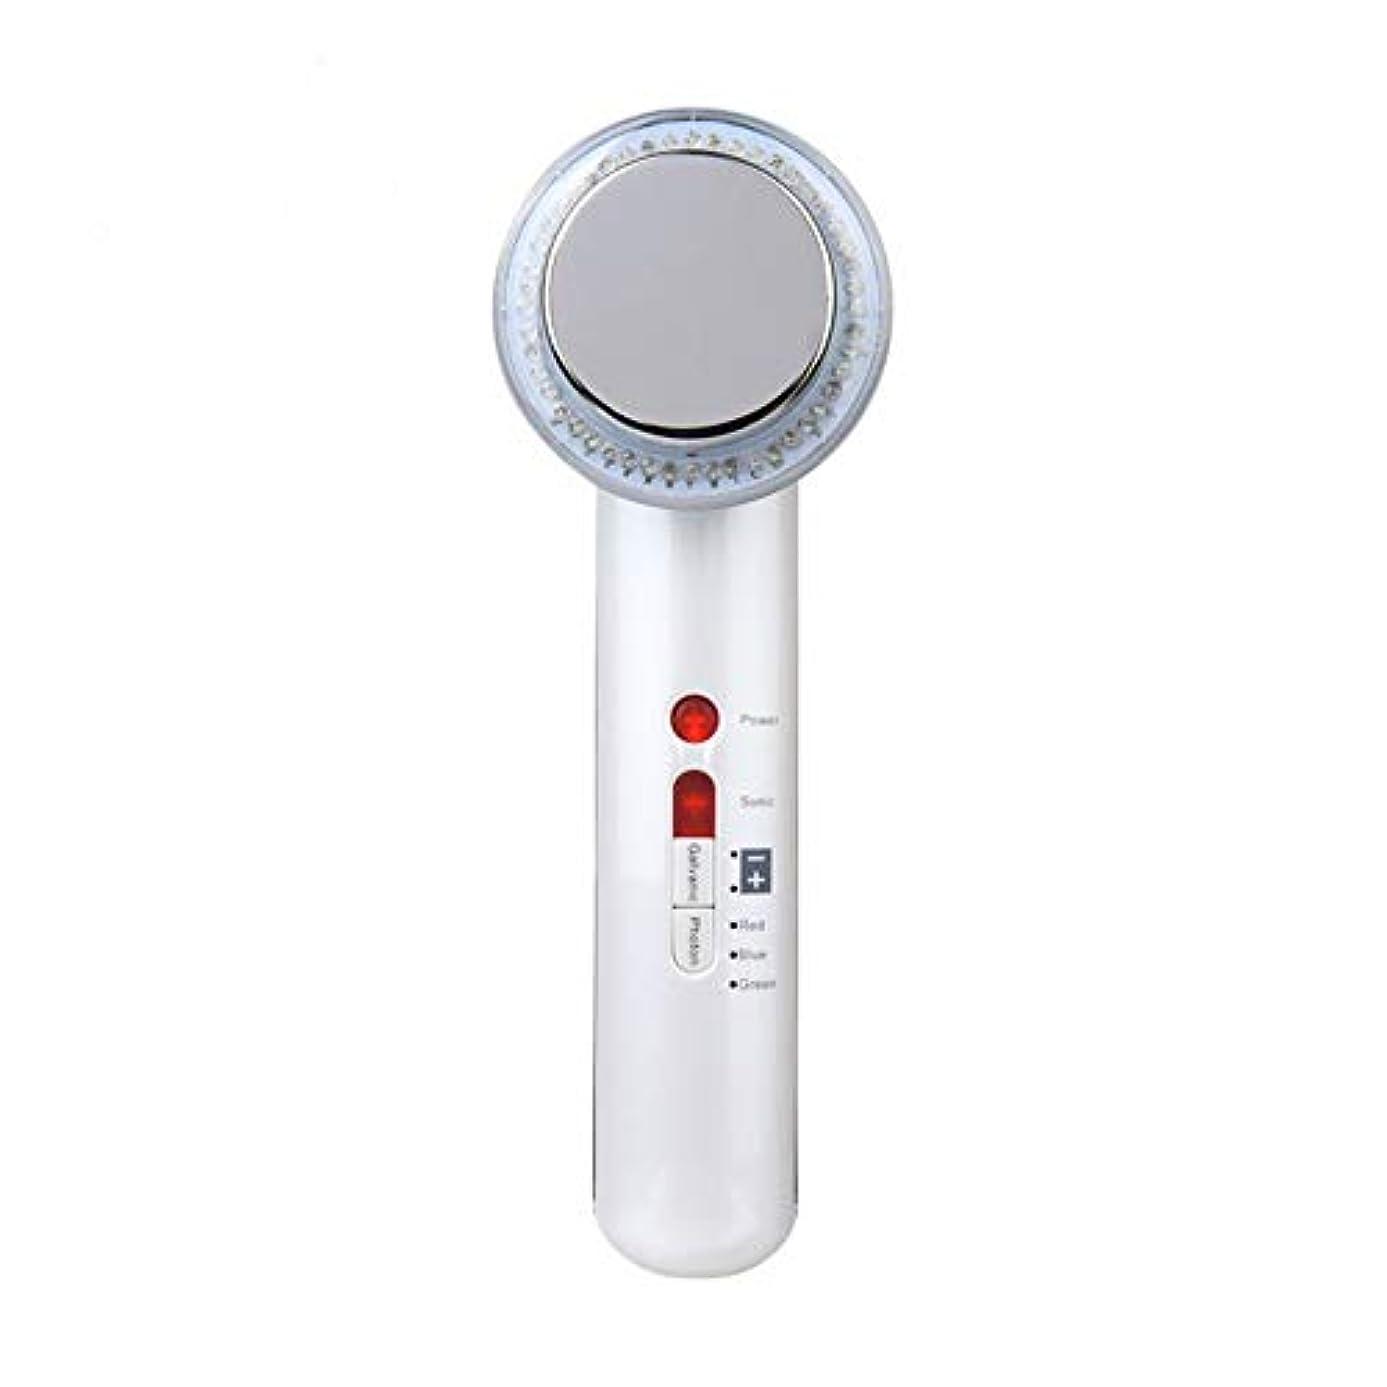 柔らかさしてはいけませんまもなく超音波美容器、高周波マスク機、7合1超音波赤外線LEDランプ及び6種類の顔ケア洗顔器、しわ除去、シワ防止、シワ防止